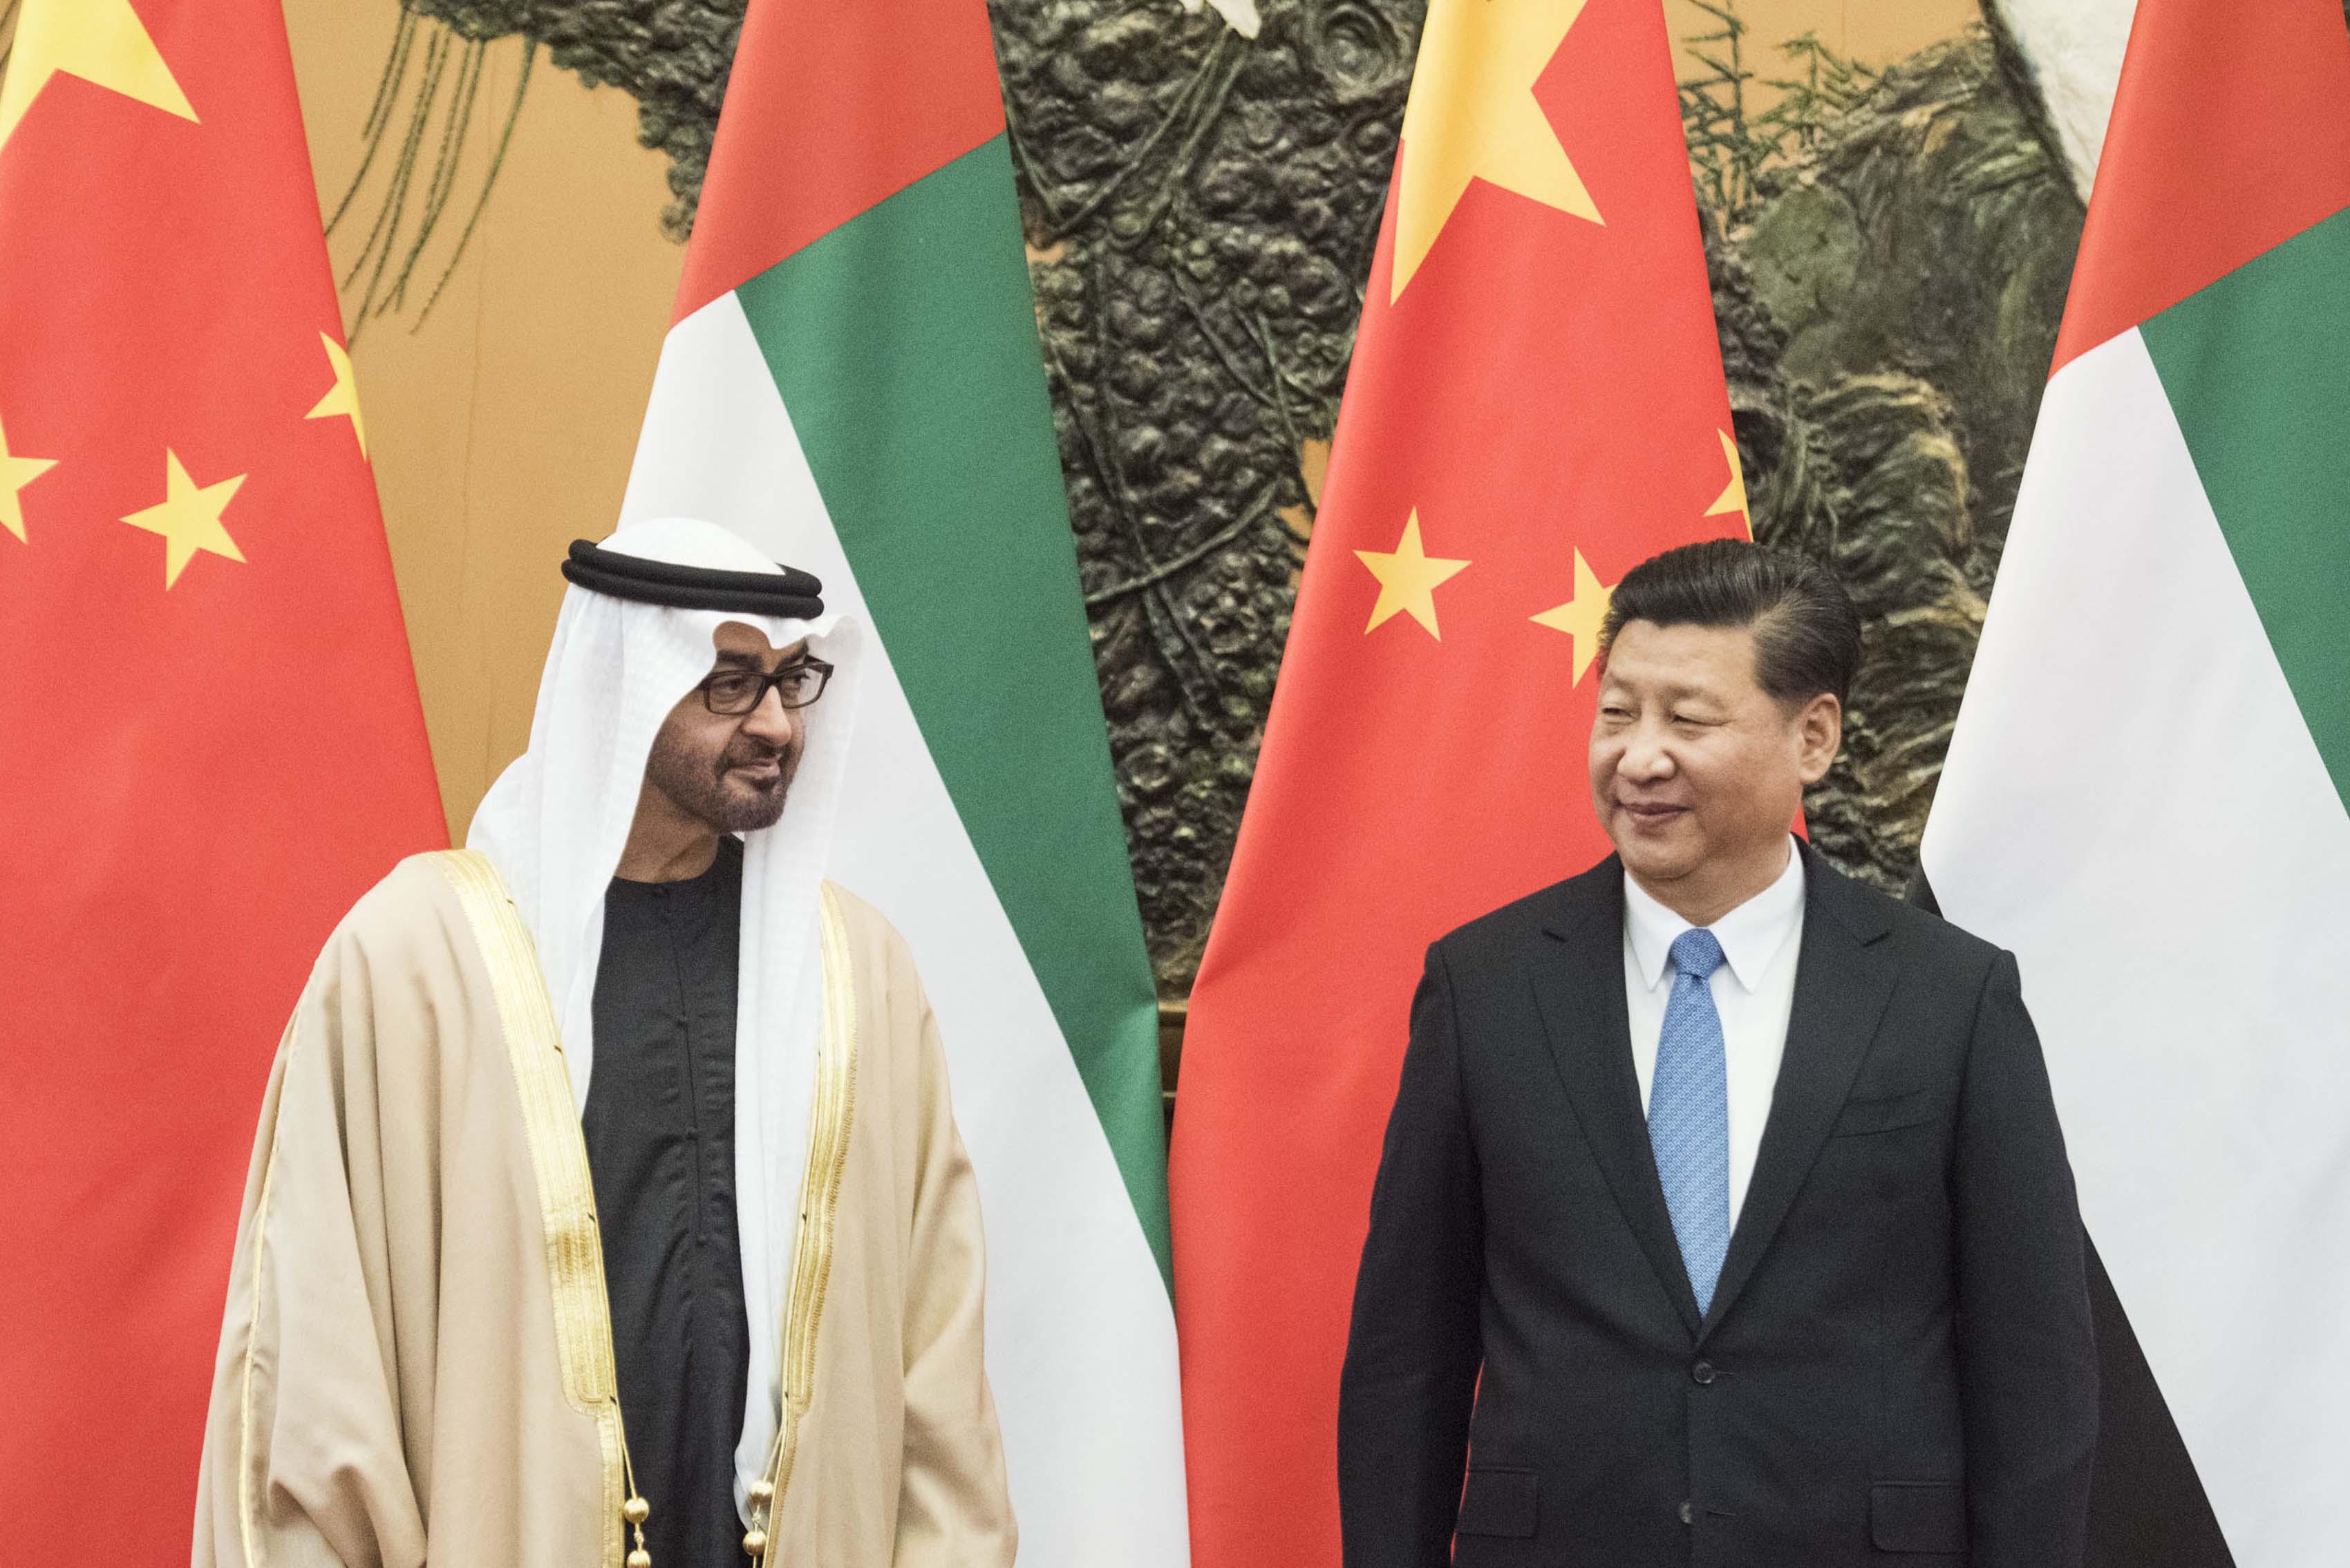 مساعي الإمارات للسيطرة على الممرات البحرية في المنطقة وإثر ذلك على الشراكة الاقتصادية مع الصين